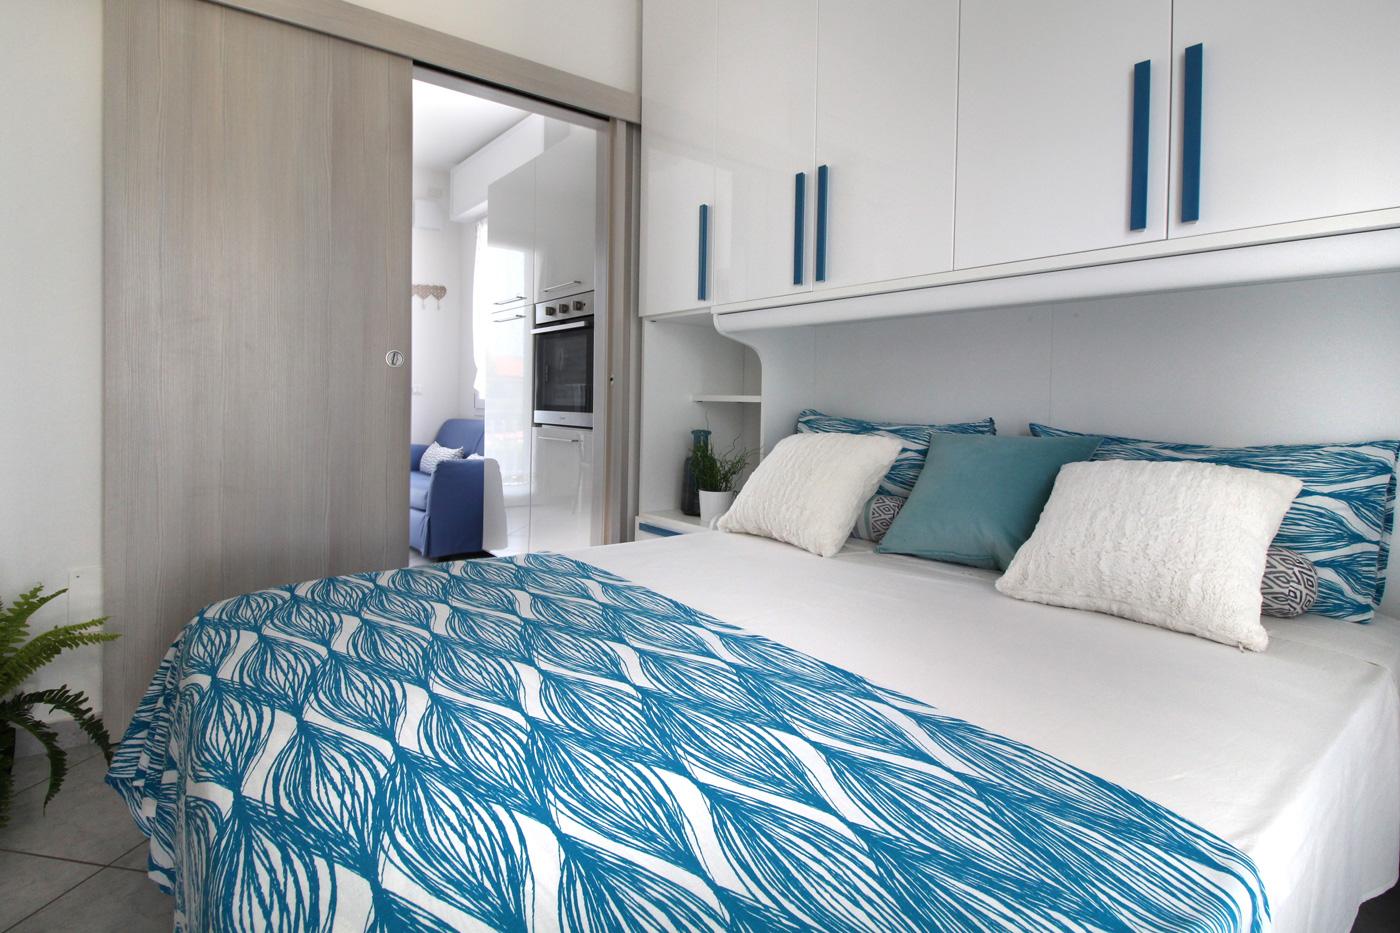 Appartamento sabrina romagna case vacanze-IMG_8788